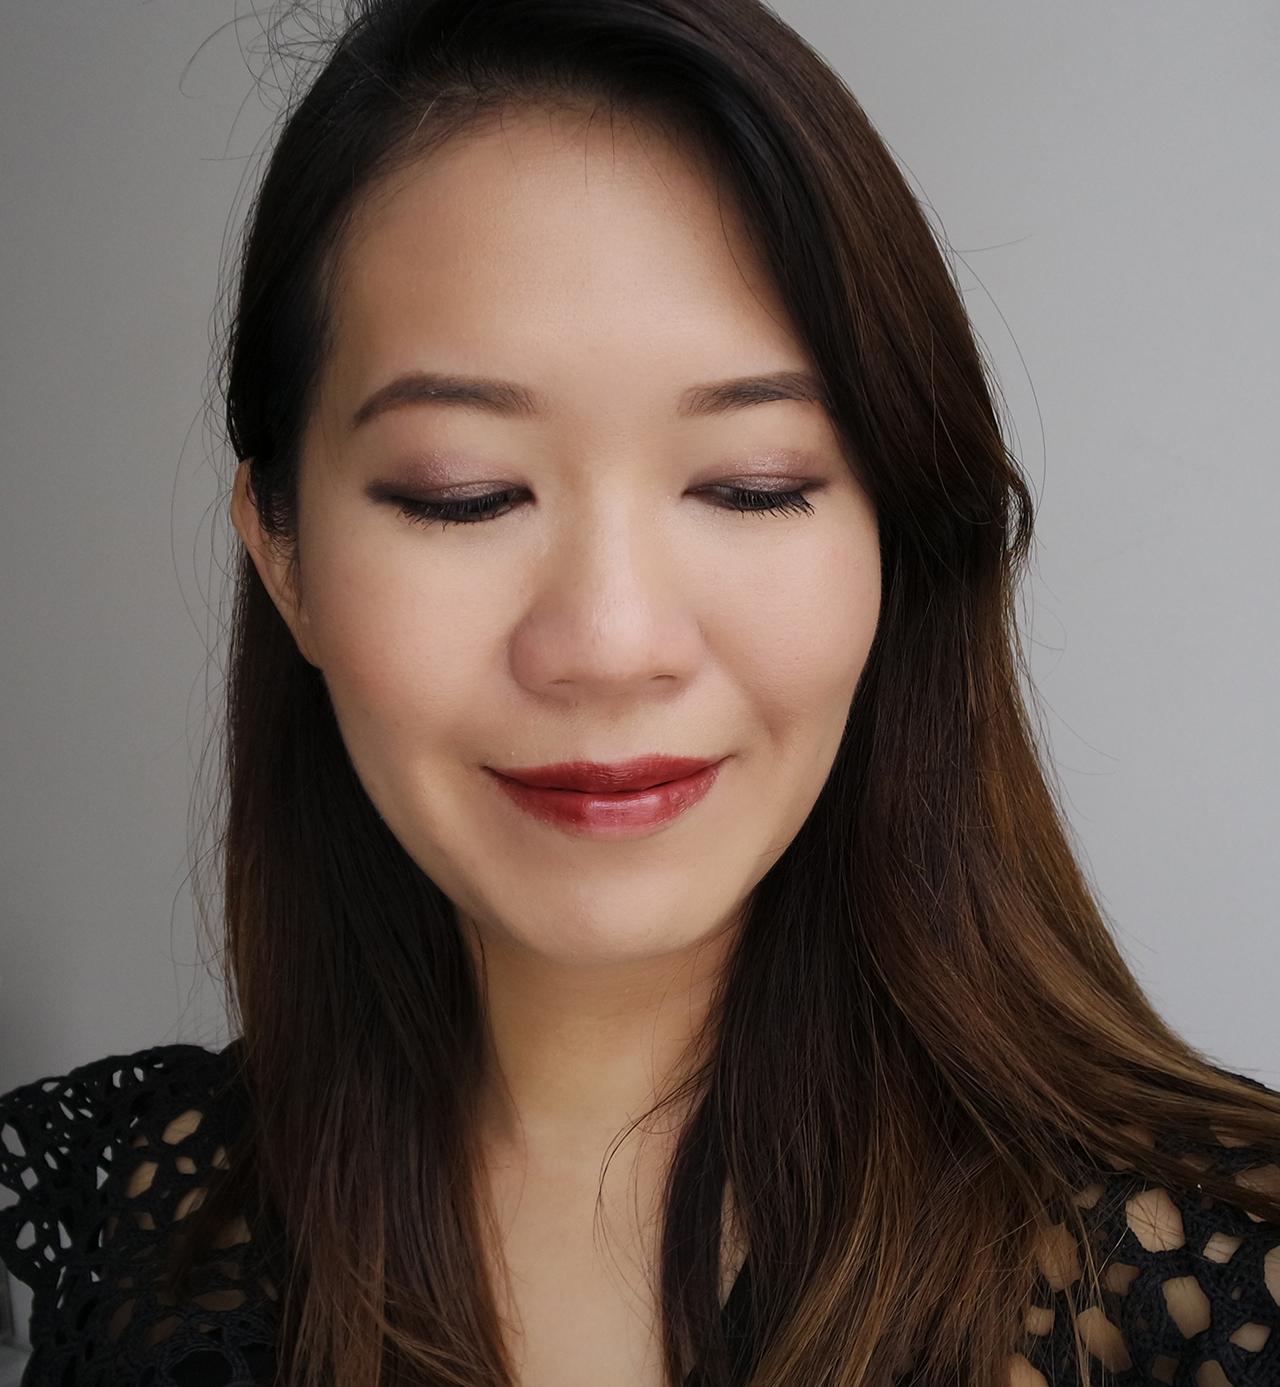 Shiseido Inkstroke Eyeliner makeup look